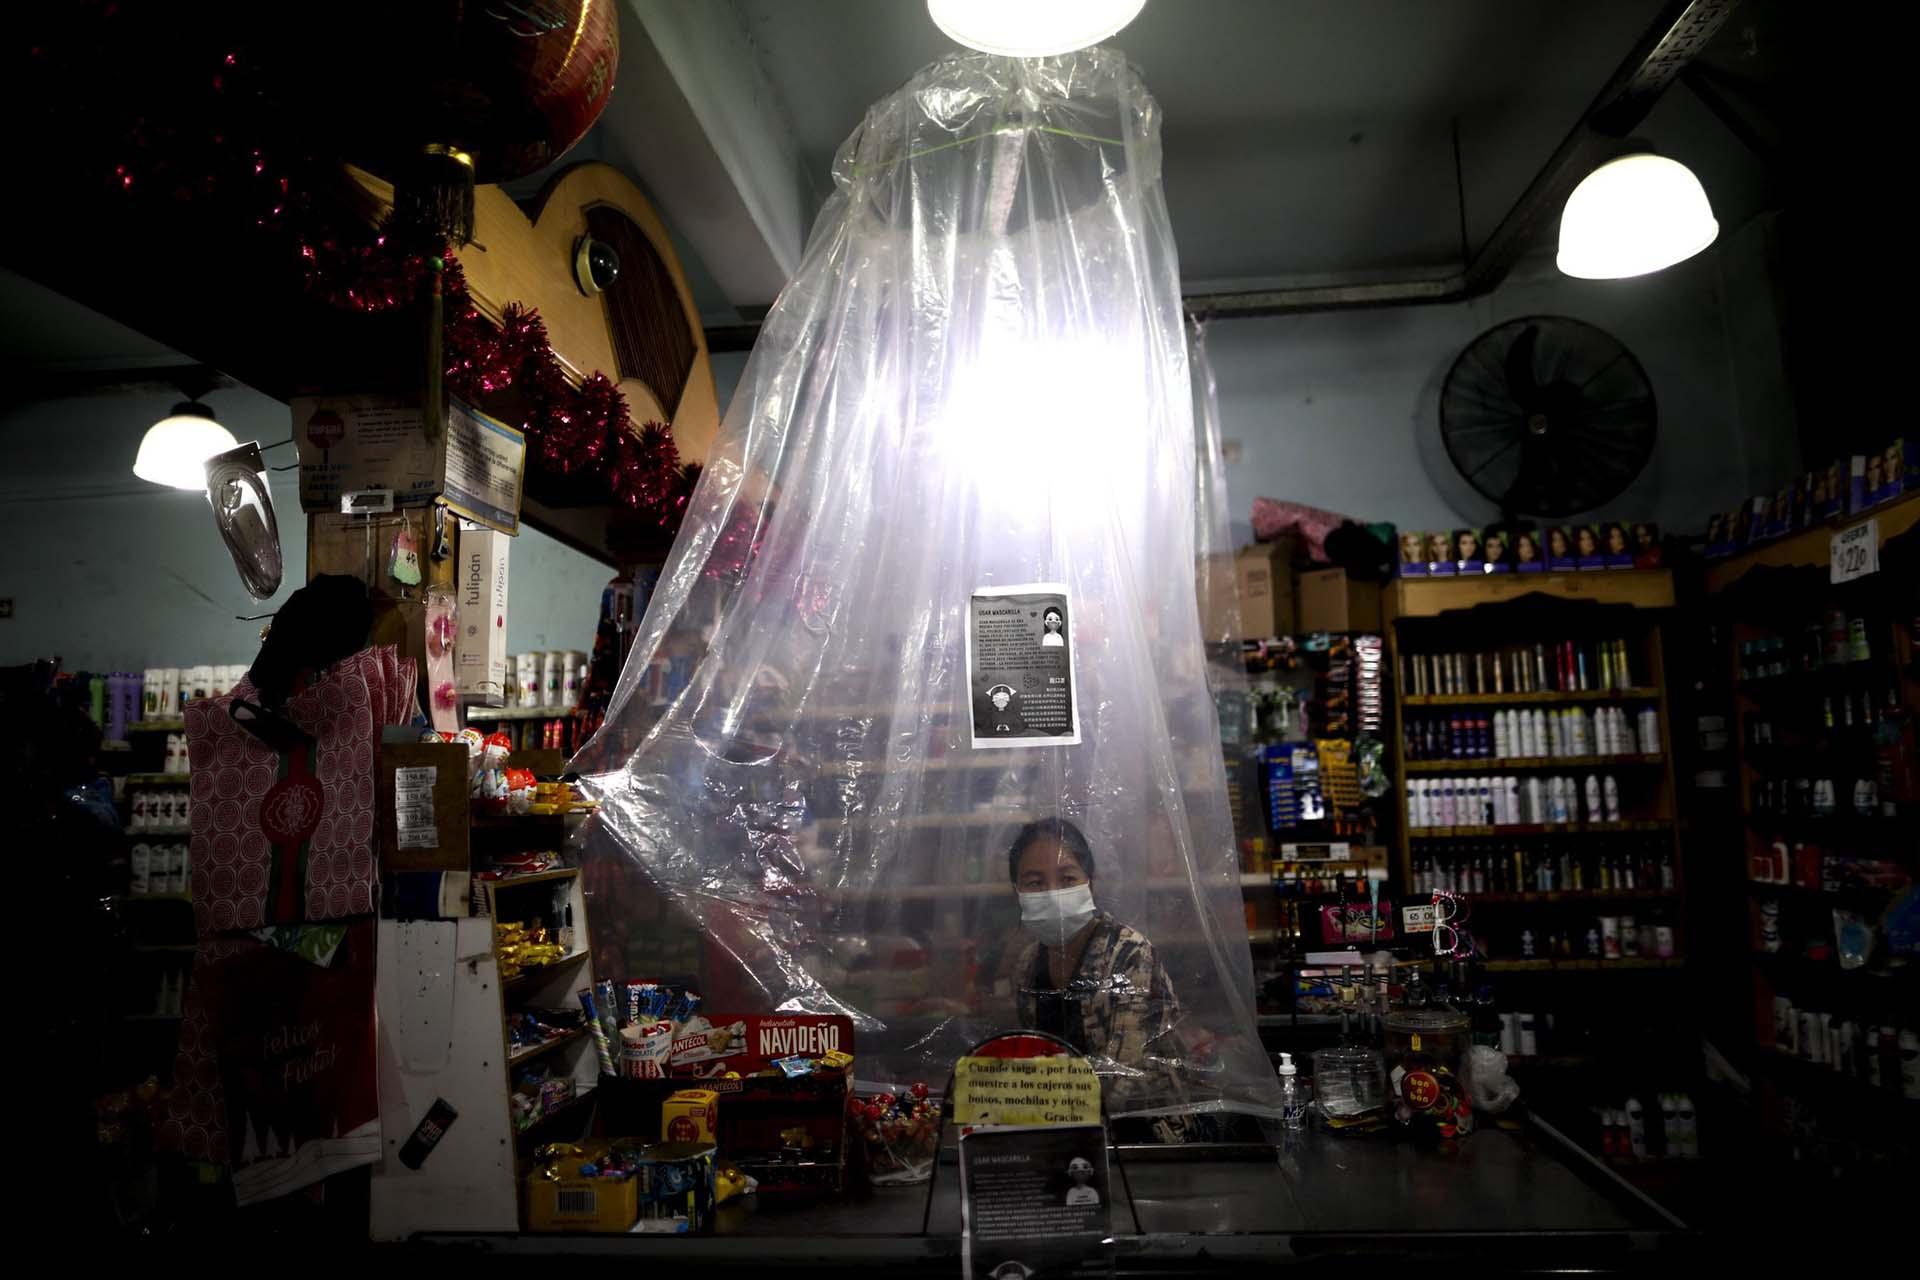 Allá por mediados de marzo, un cajero de un supermercado espera a los clientes detrás de una improvisada cortina de plástico como precaución contra el avance del coronavirus